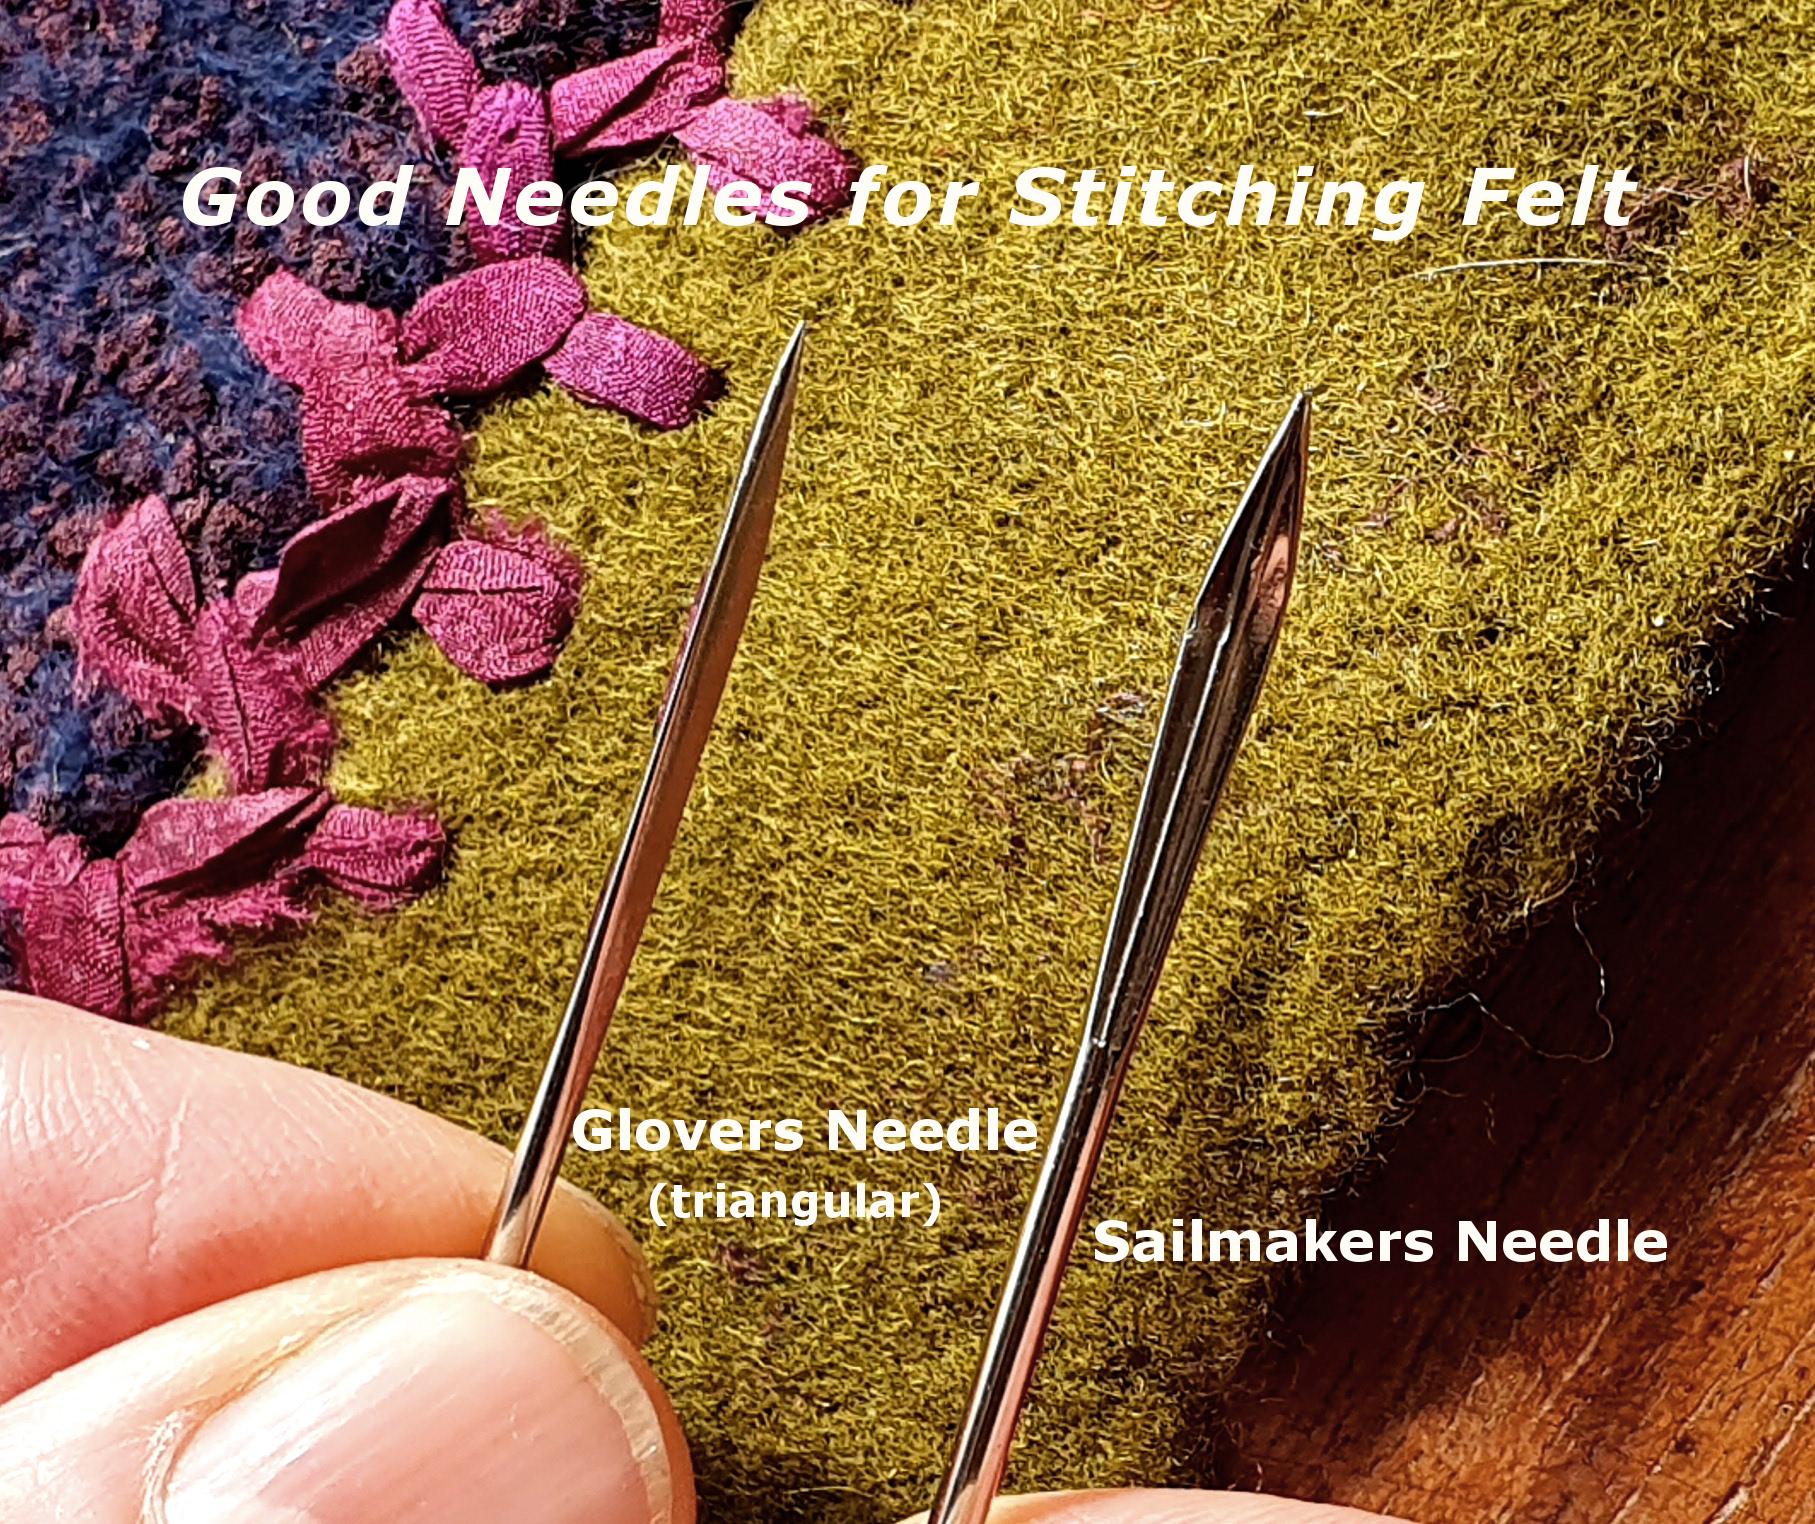 Needles.11.56.27